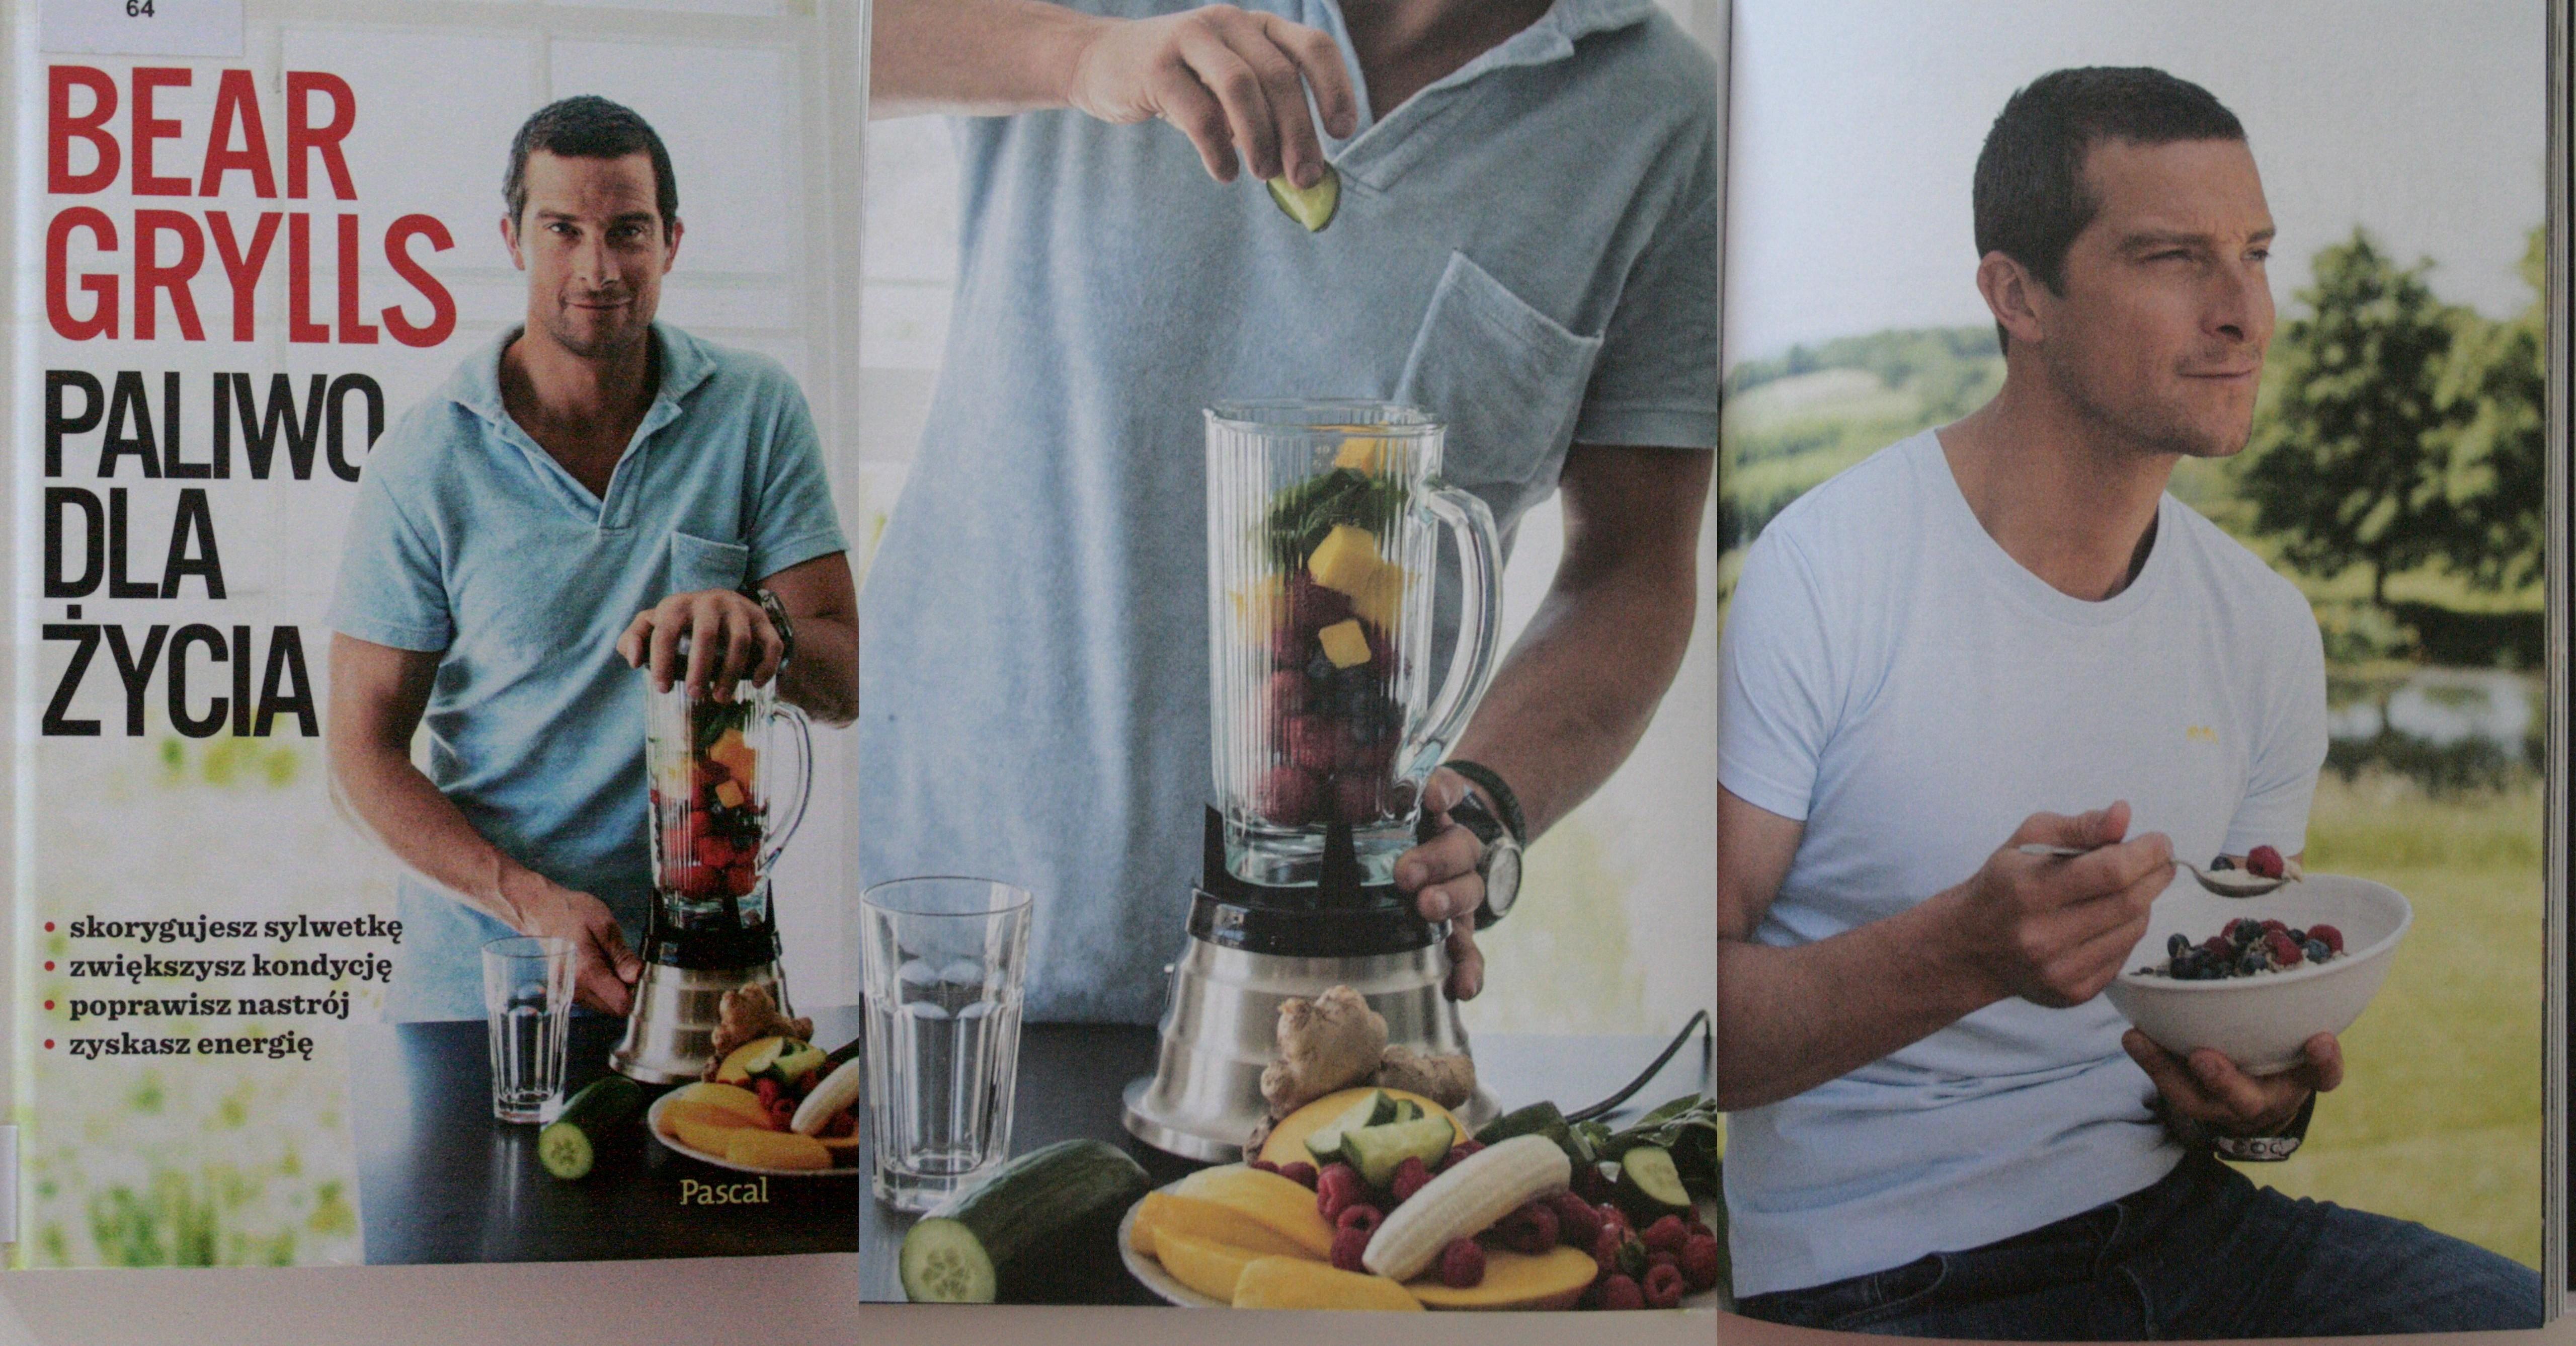 """0d czego zacząć zdrowe odżywianie? (o książce """"Paliwo dla życia"""" Beara Gryllsa)"""